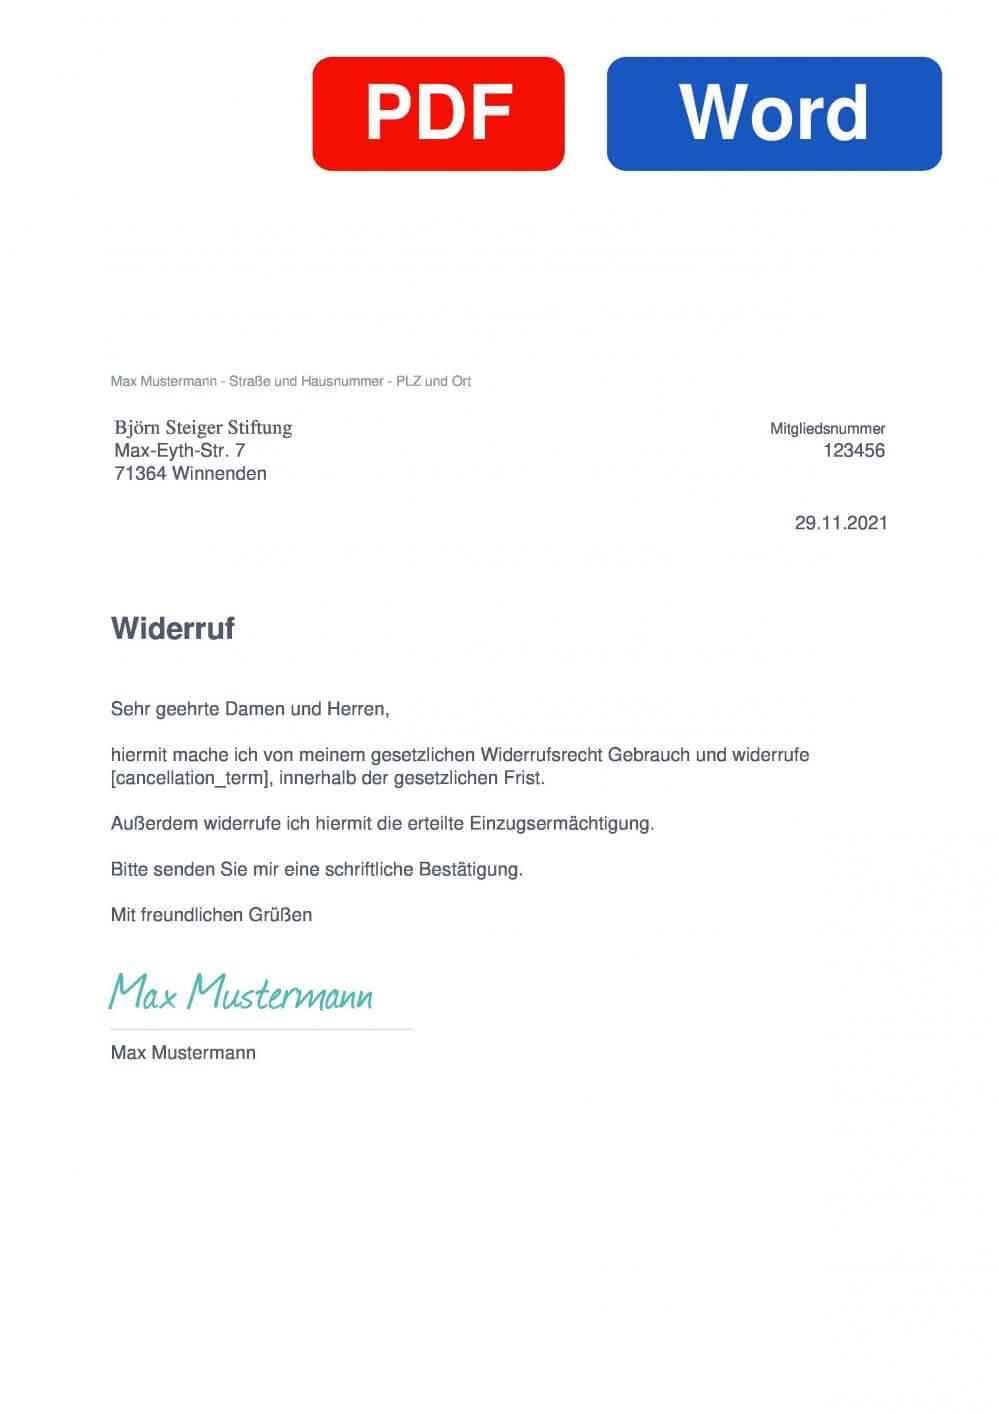 Björn Steiger Stiftung Muster Vorlage für Wiederrufsschreiben